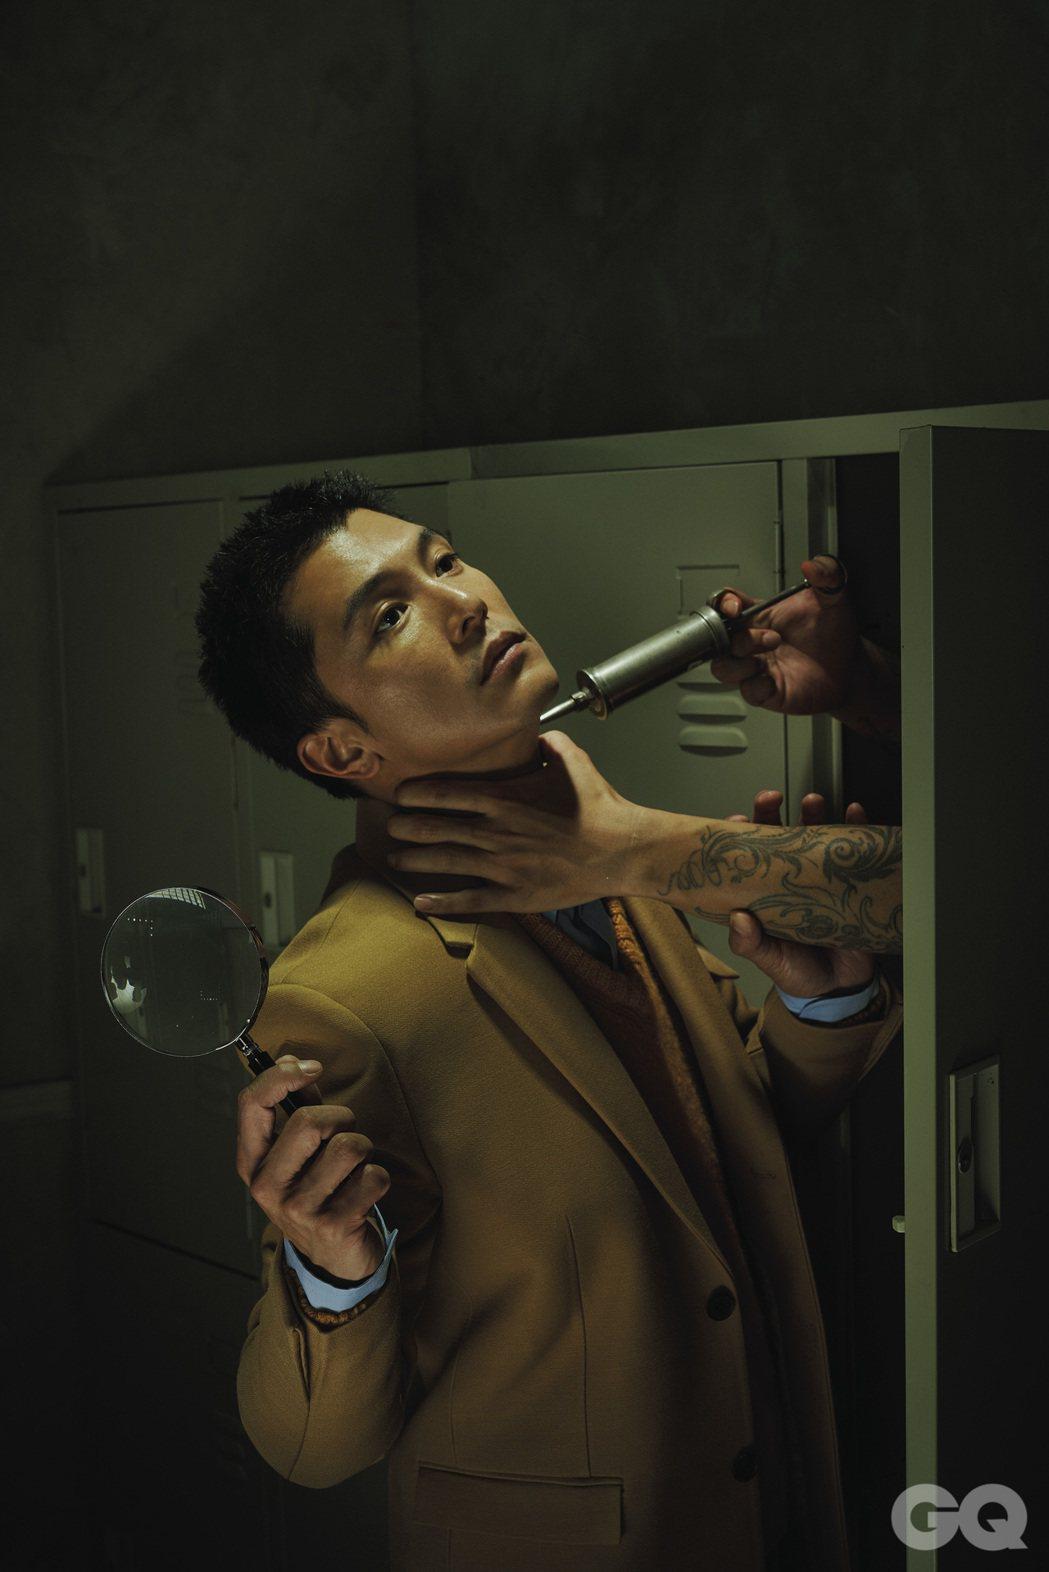 邱澤在下半年兩部新戲一部演黑道、一部演警察。圖/GQ提供